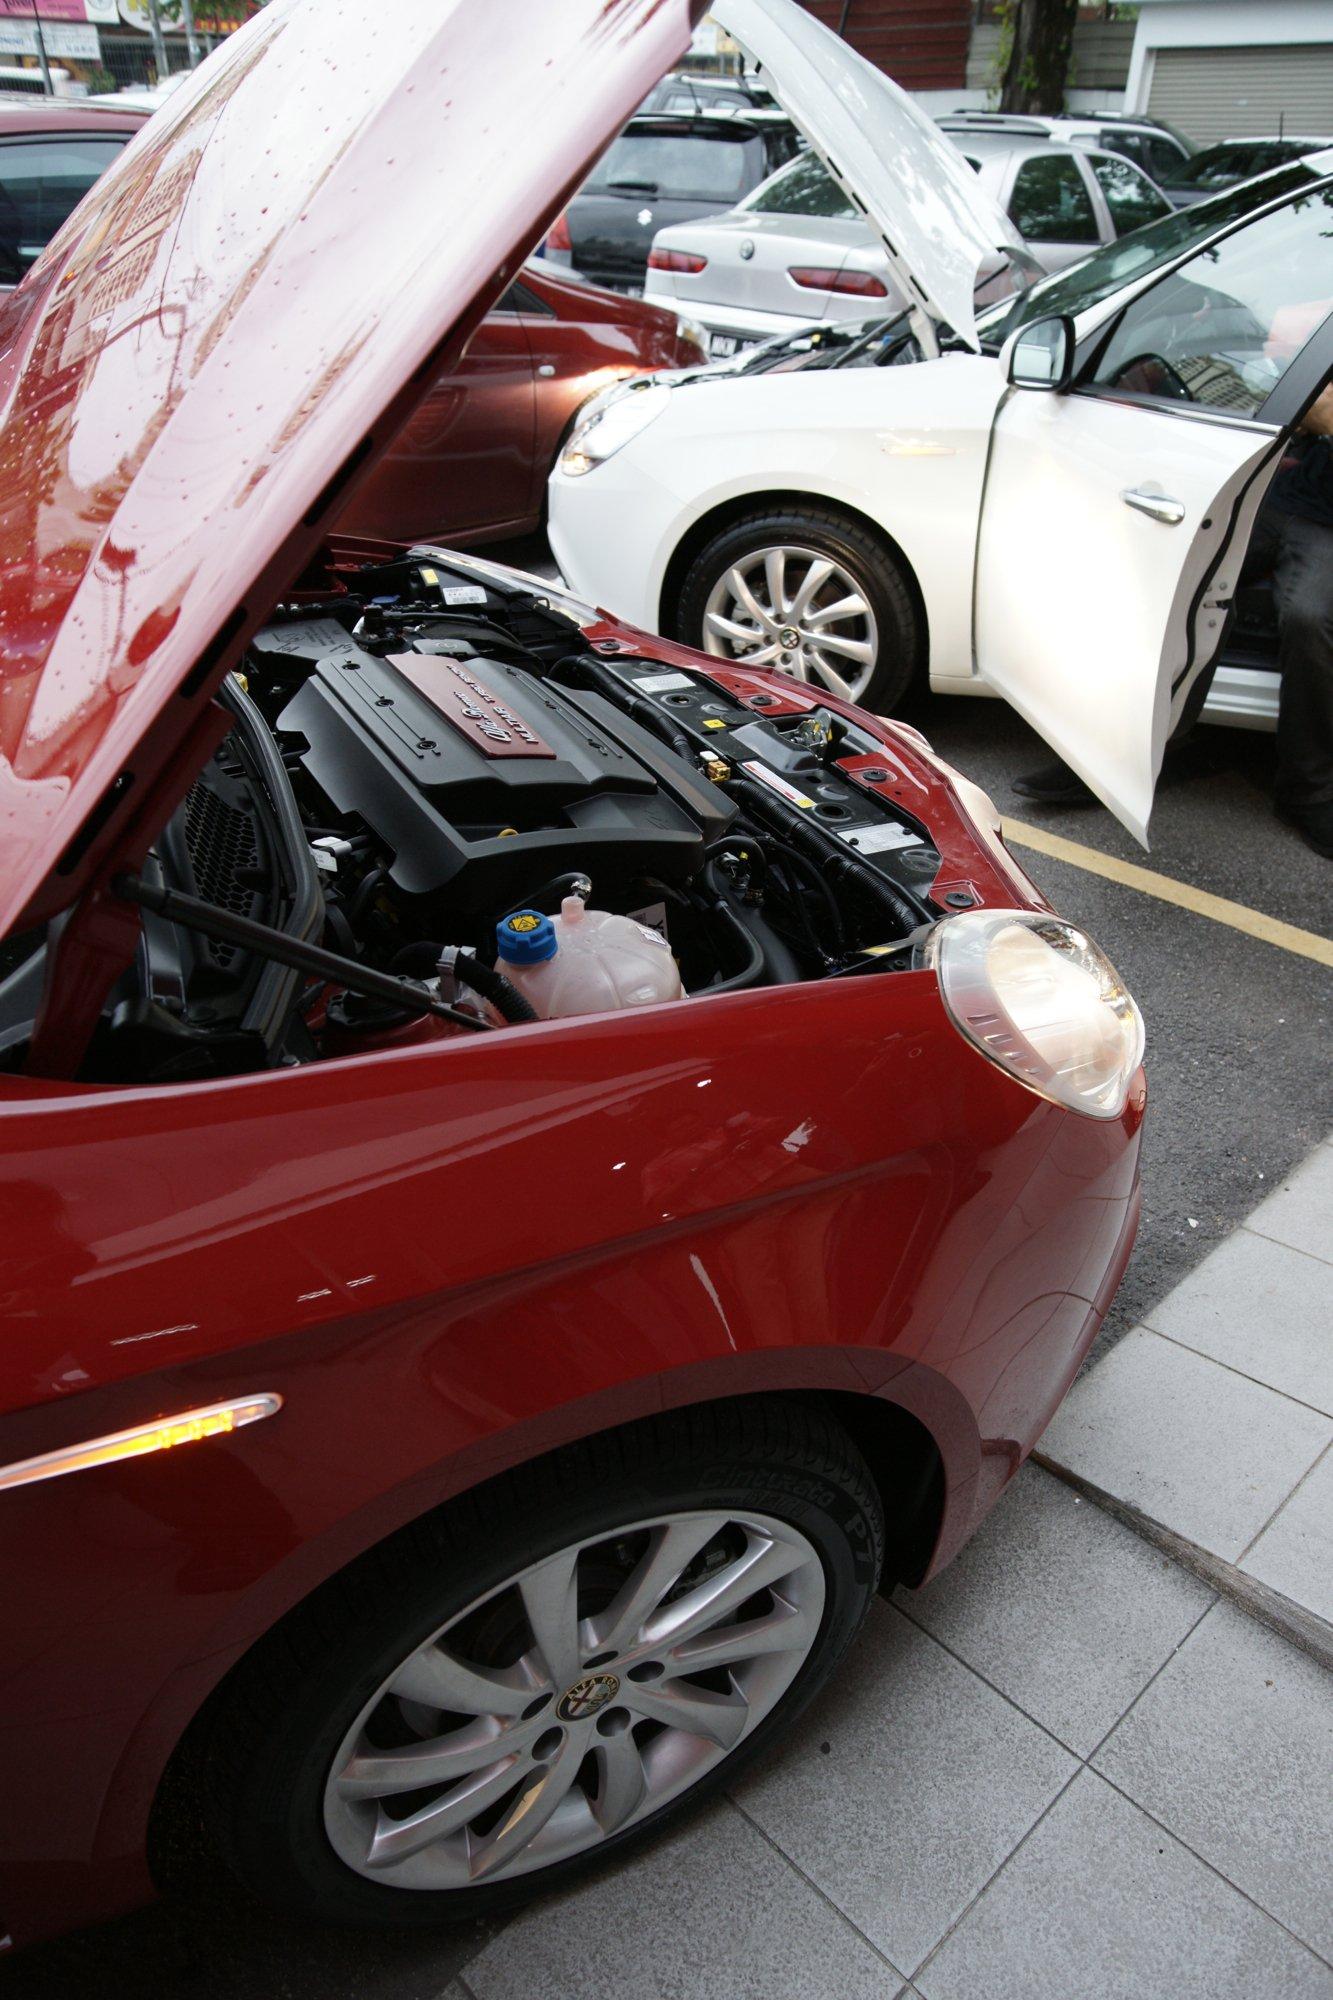 Alfa Romeo Giulietta 1.4 TB MultiAir \u2013 170 hp, RM178,888 Paul Tan  Image 105901